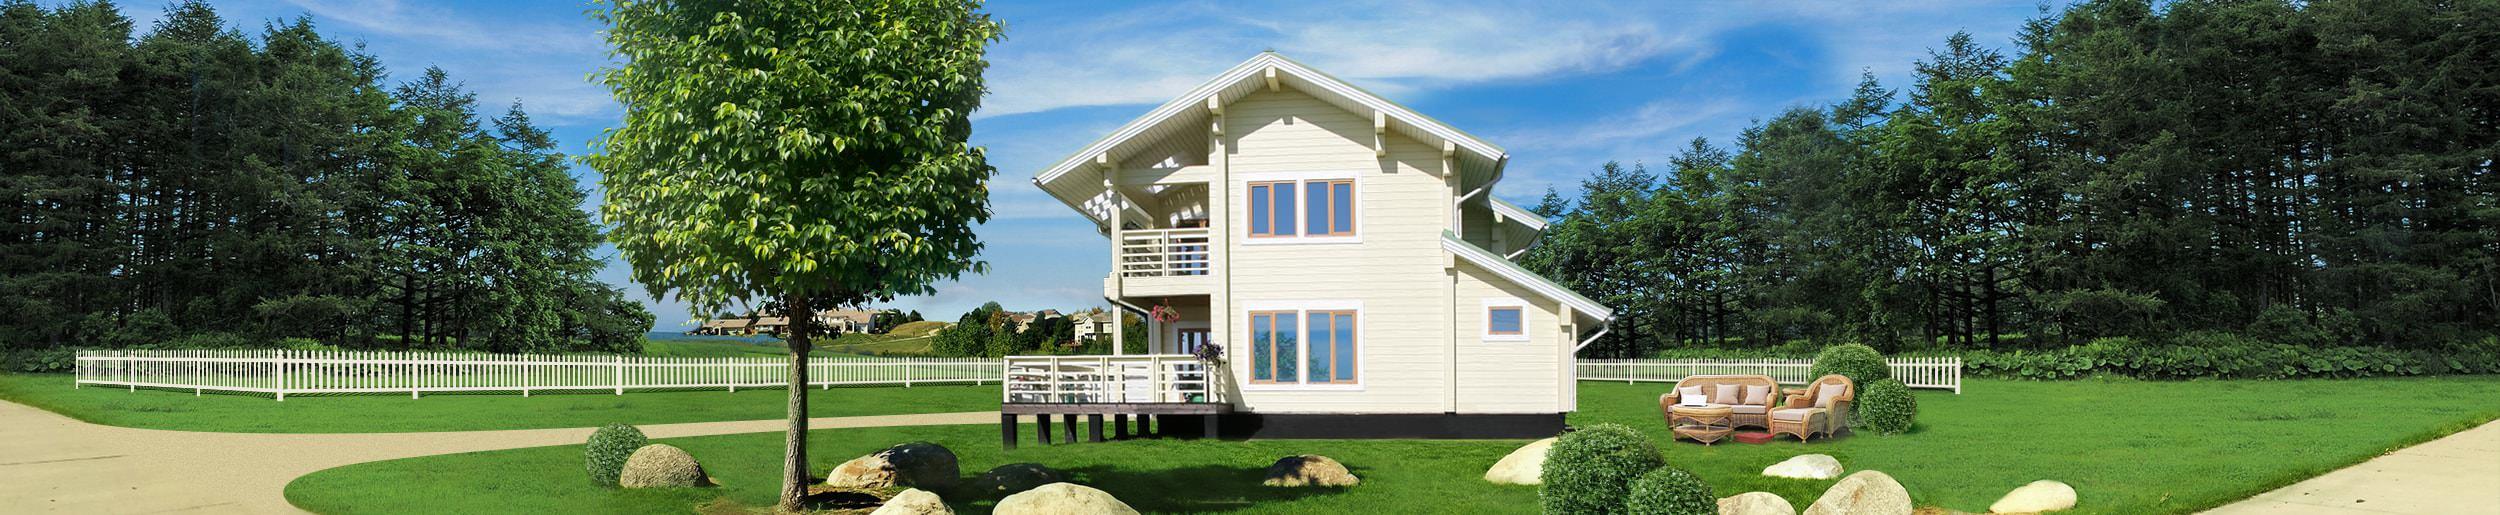 Дом из клееного бруса «Западное солнце»